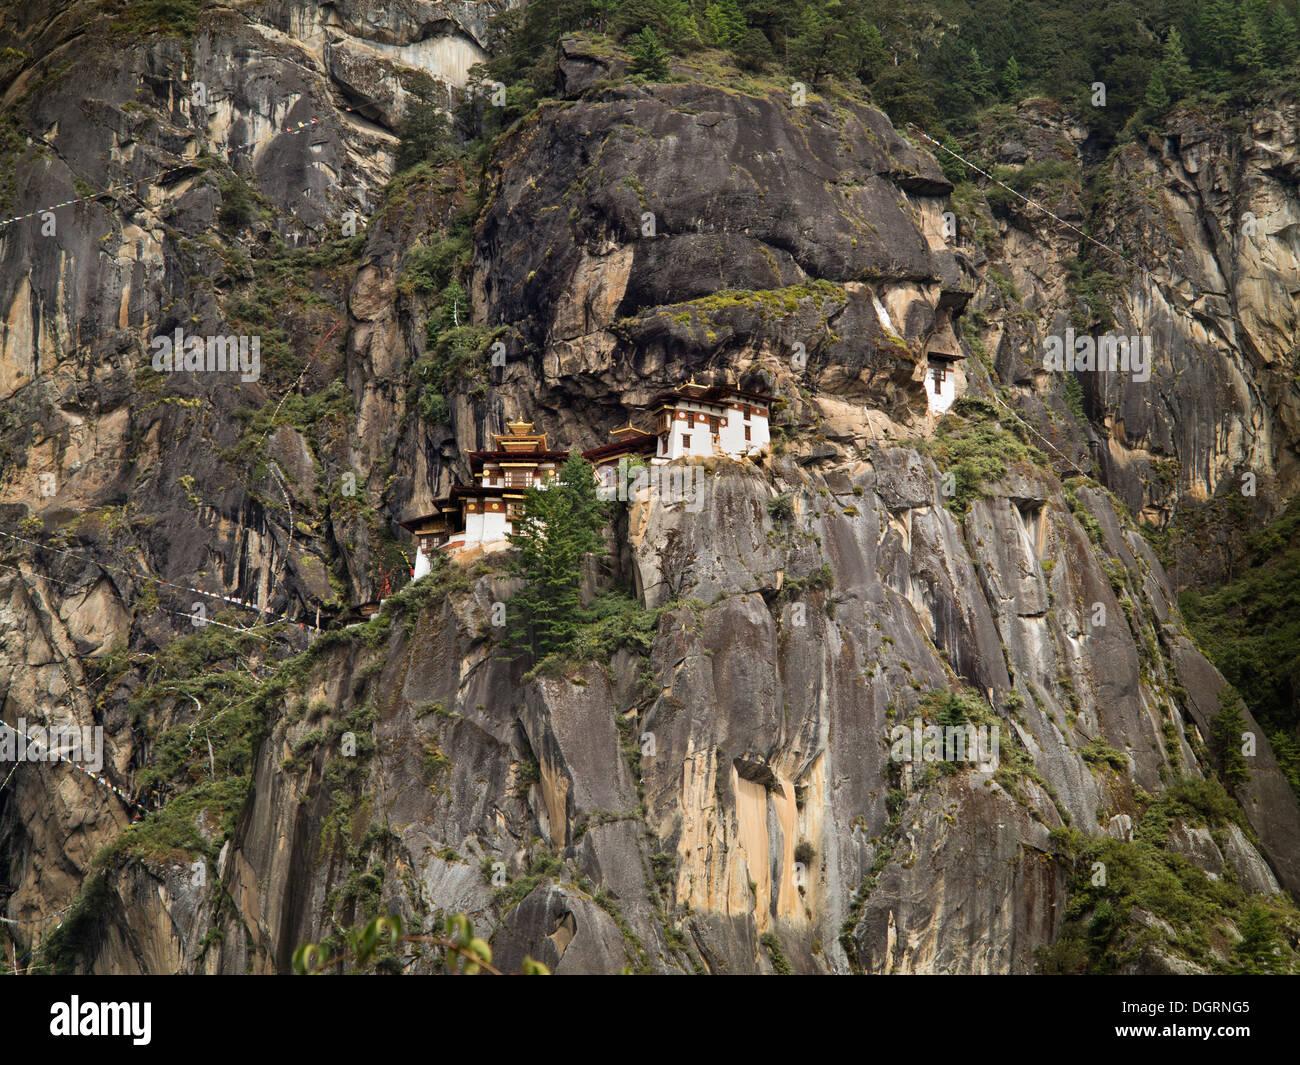 Bhutan, Paro valley, Taktsang Lhakang (Tigers Nest ...